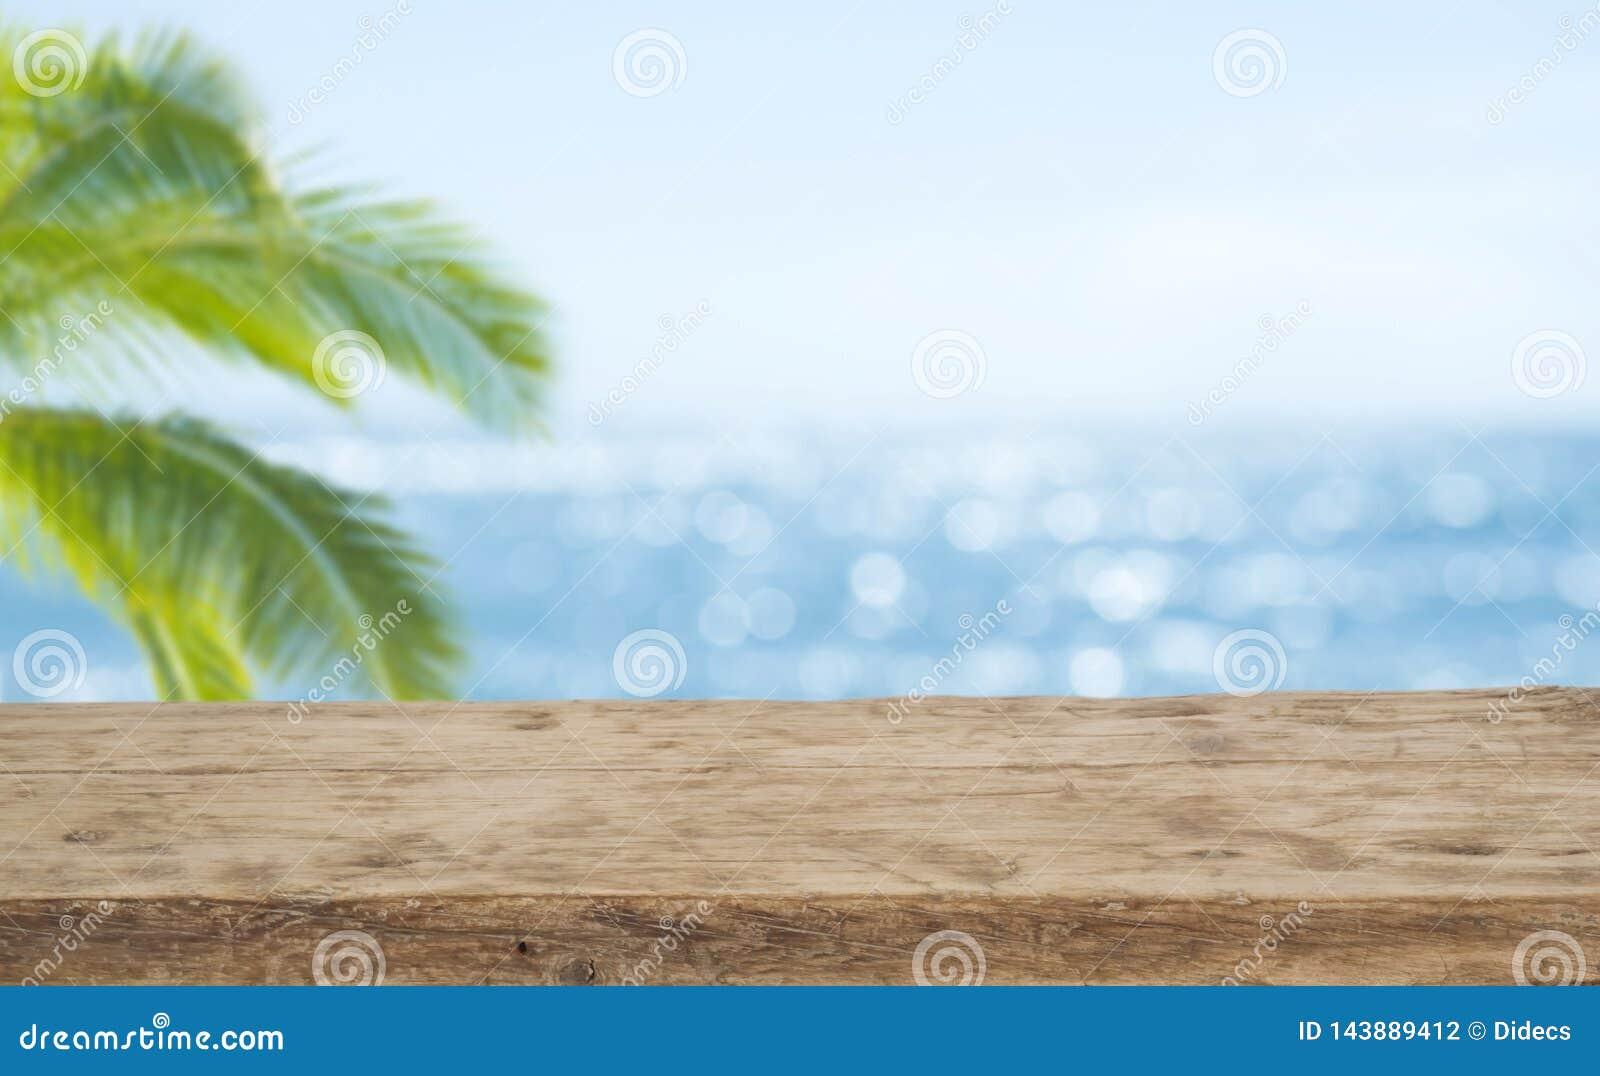 Fundo Defocused do mar com primeiro plano de madeira da tabela para a exposição do produto